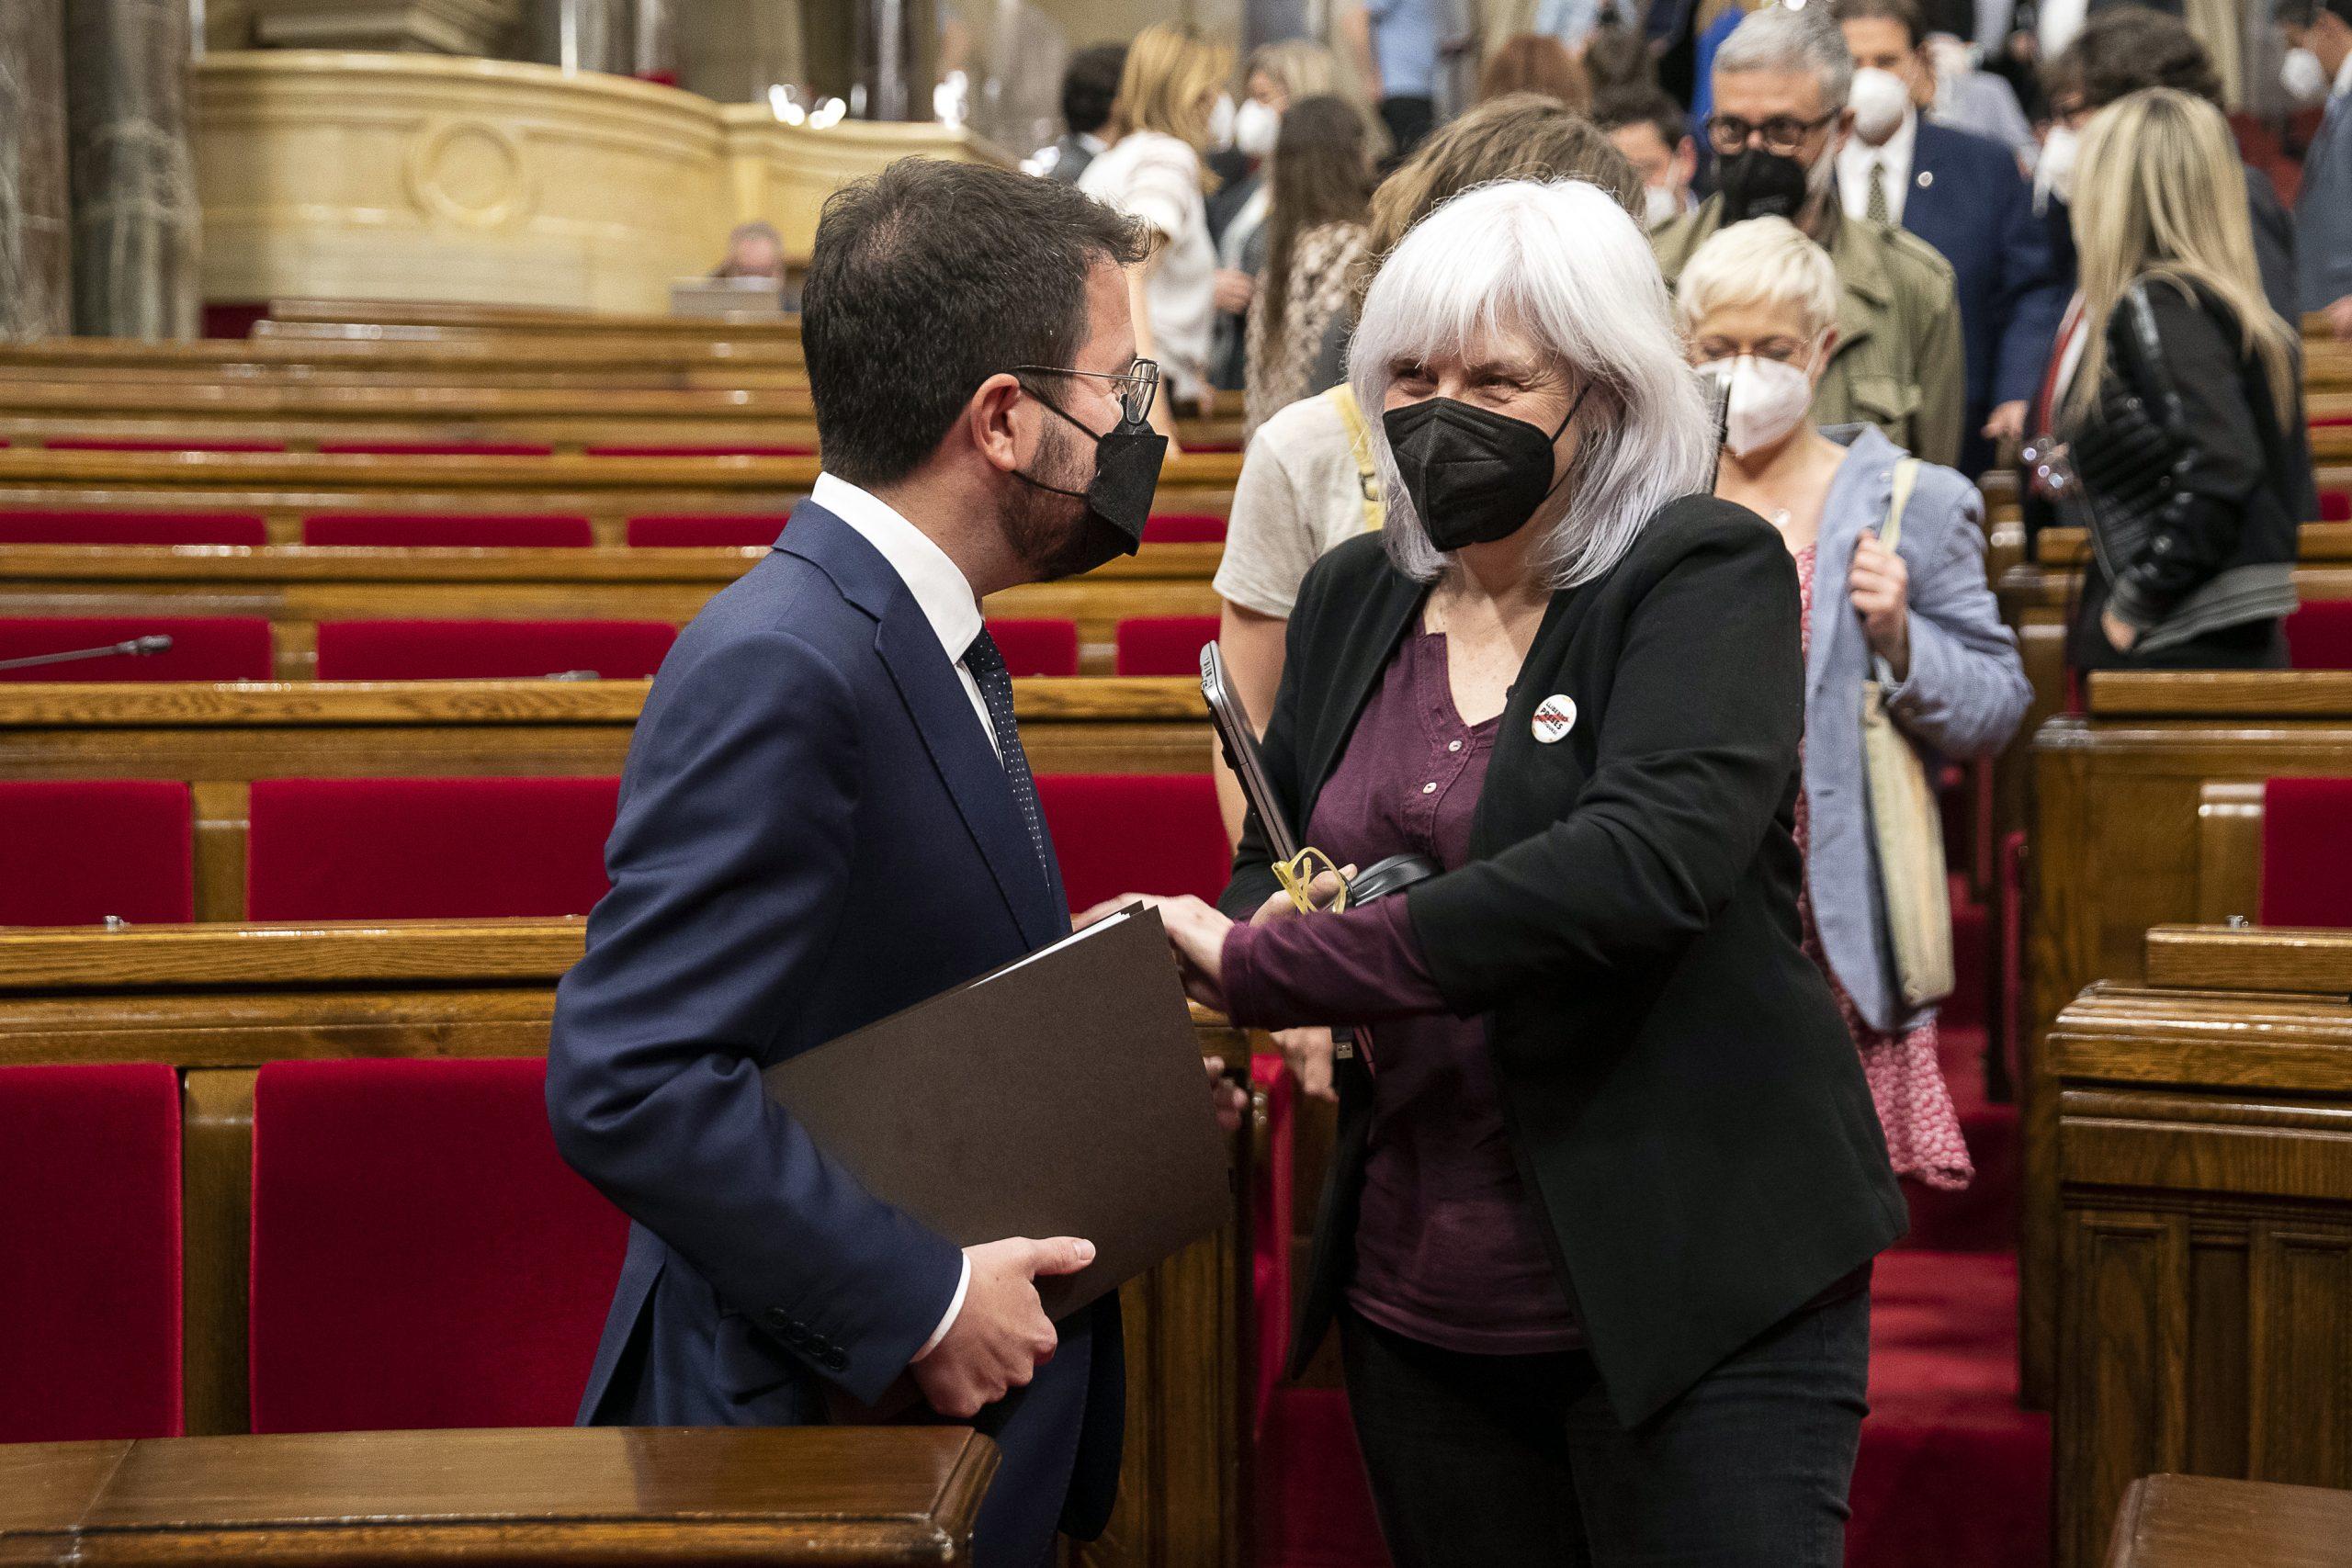 Pere Aragonès enraona amb Dolors Sabater en el debat d'investidura  foto: ACN/Jordi Play